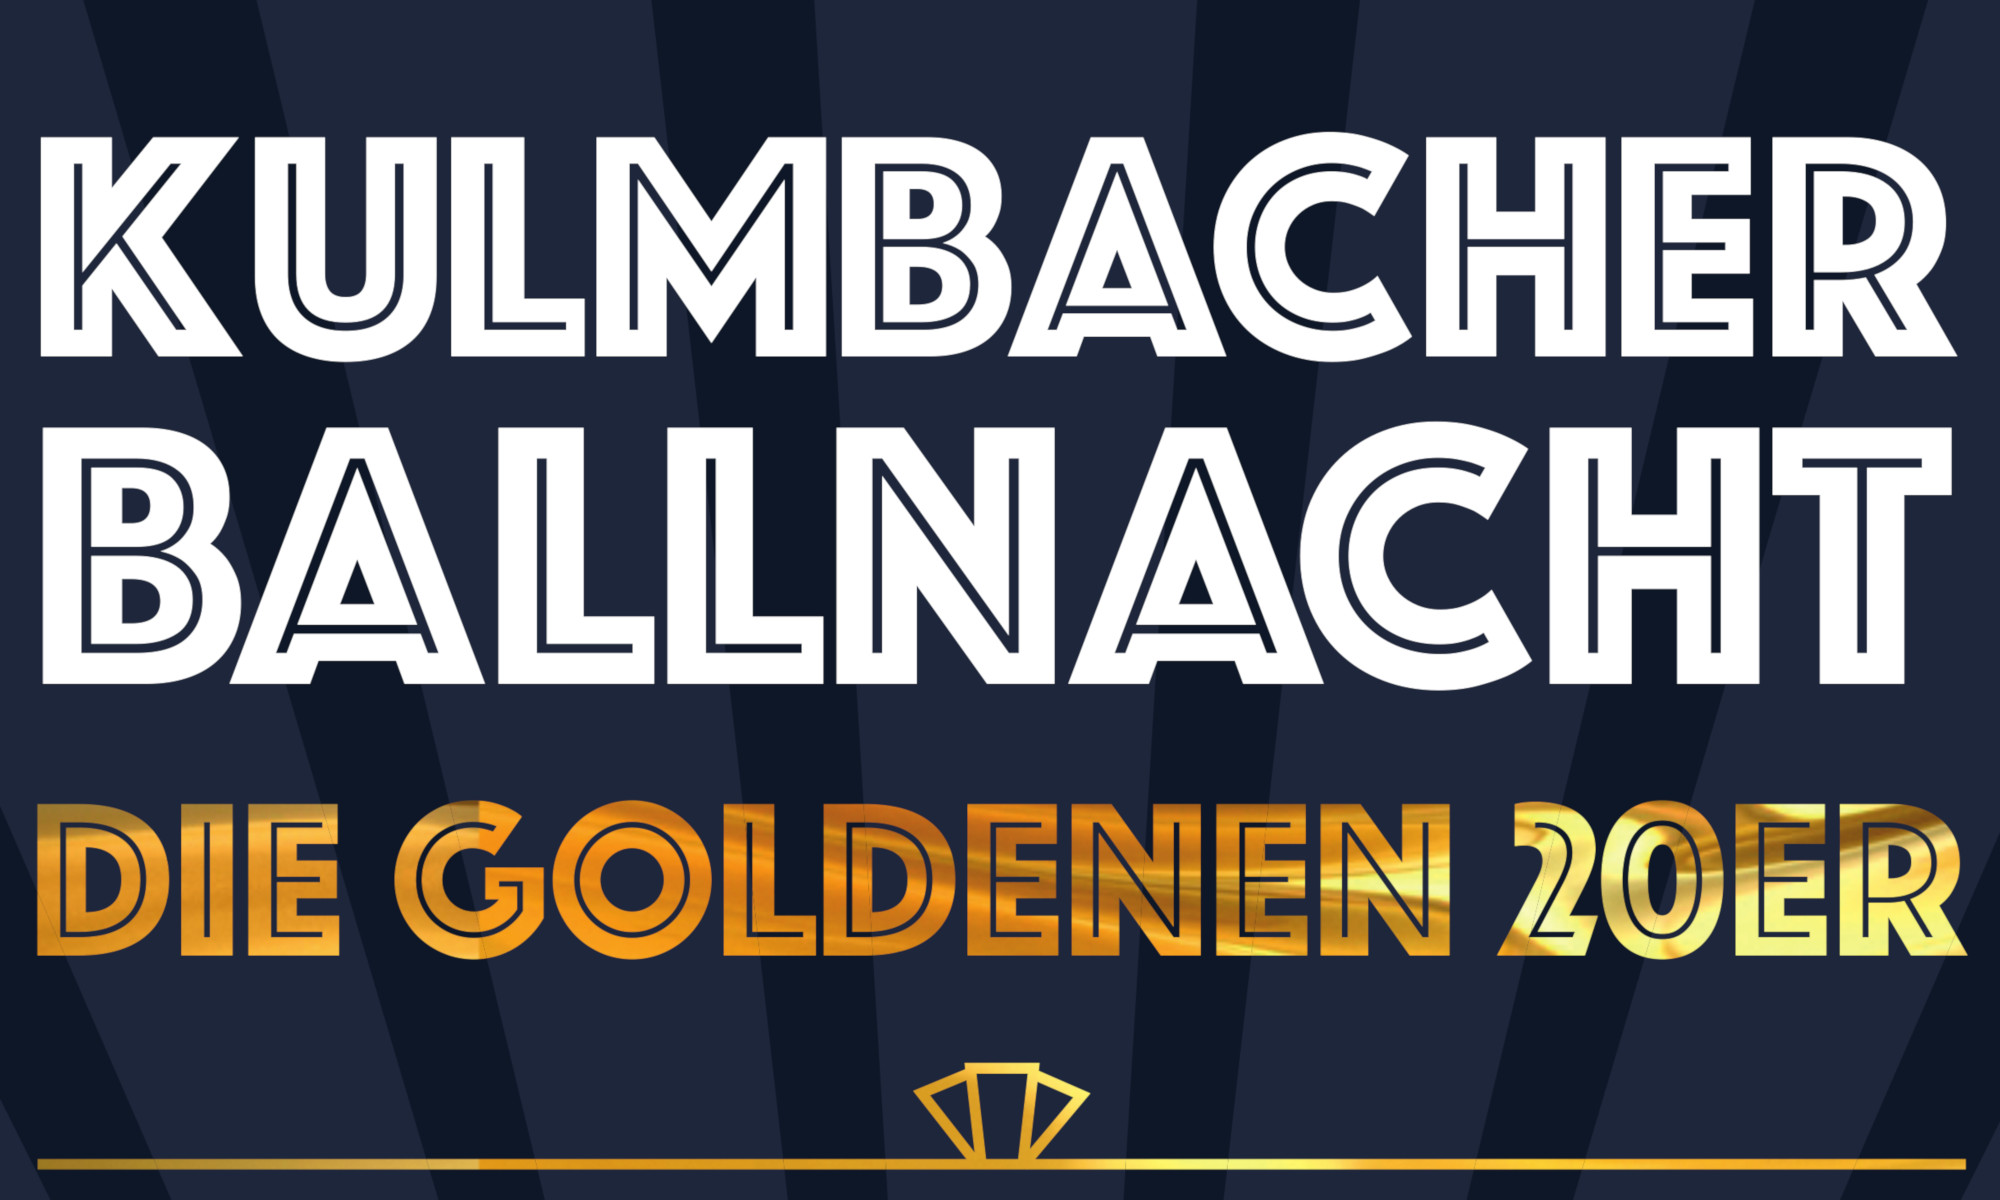 Kulmbacher Ballnacht 2020